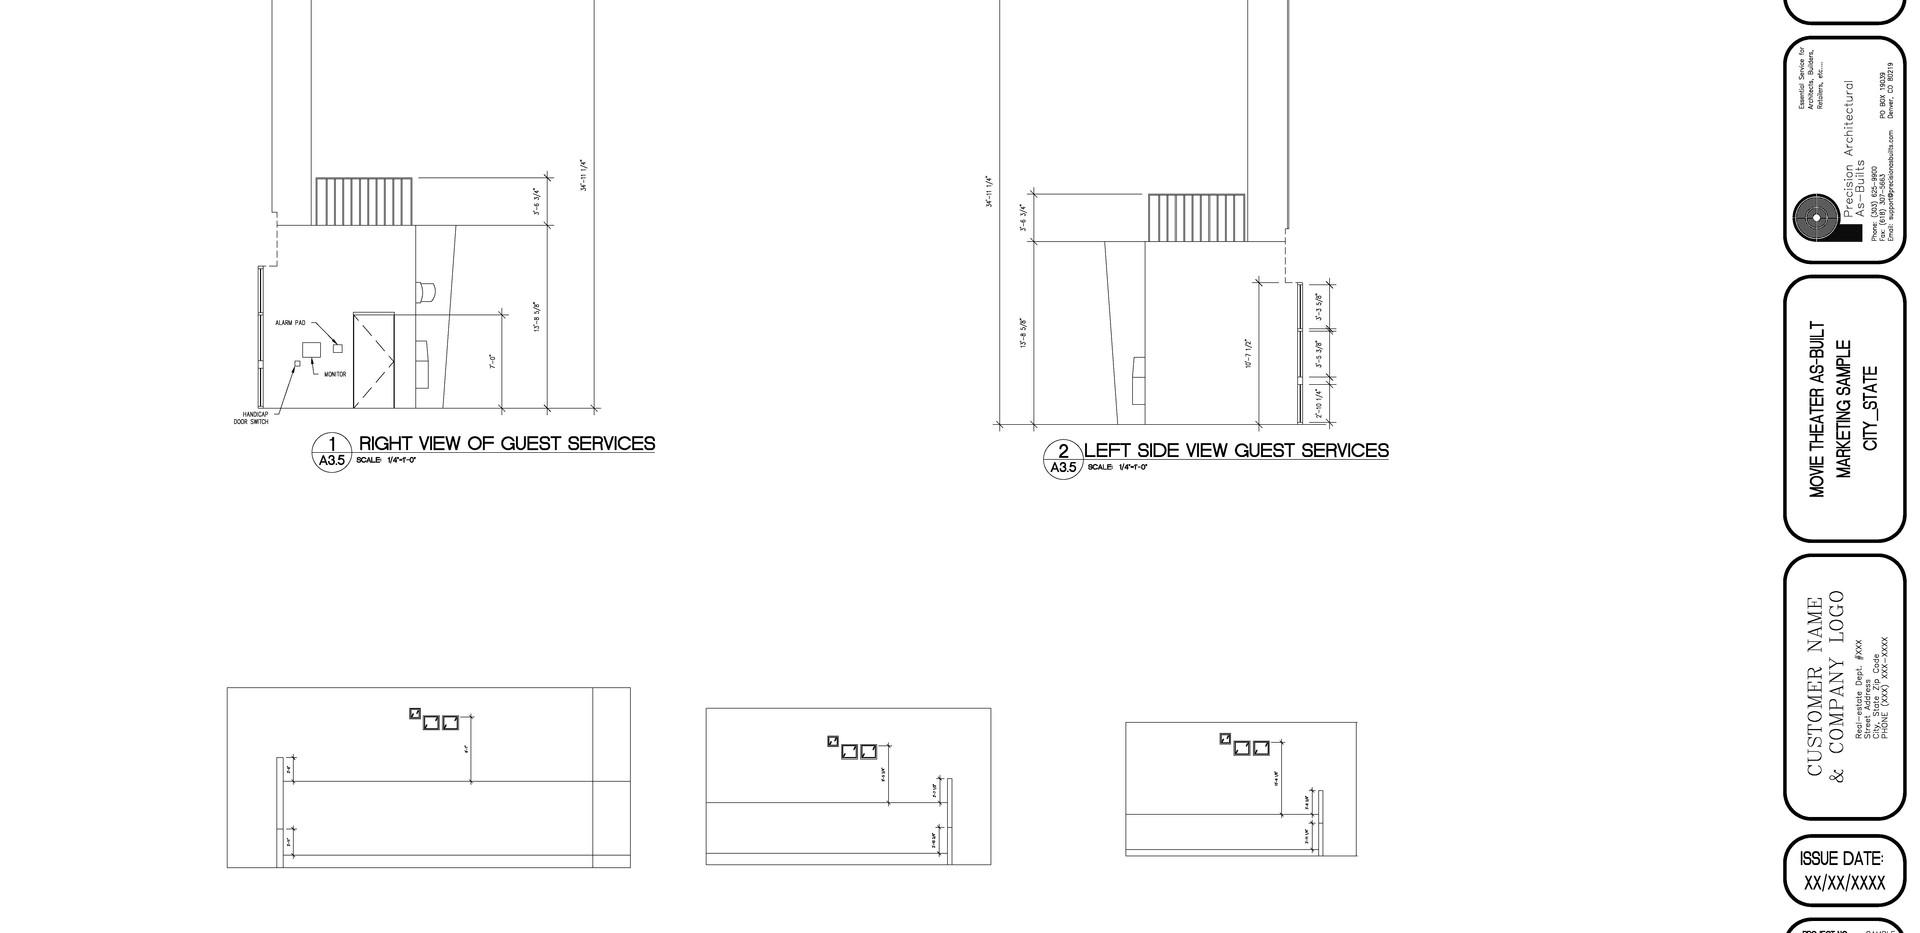 Interior Elevations A3.5